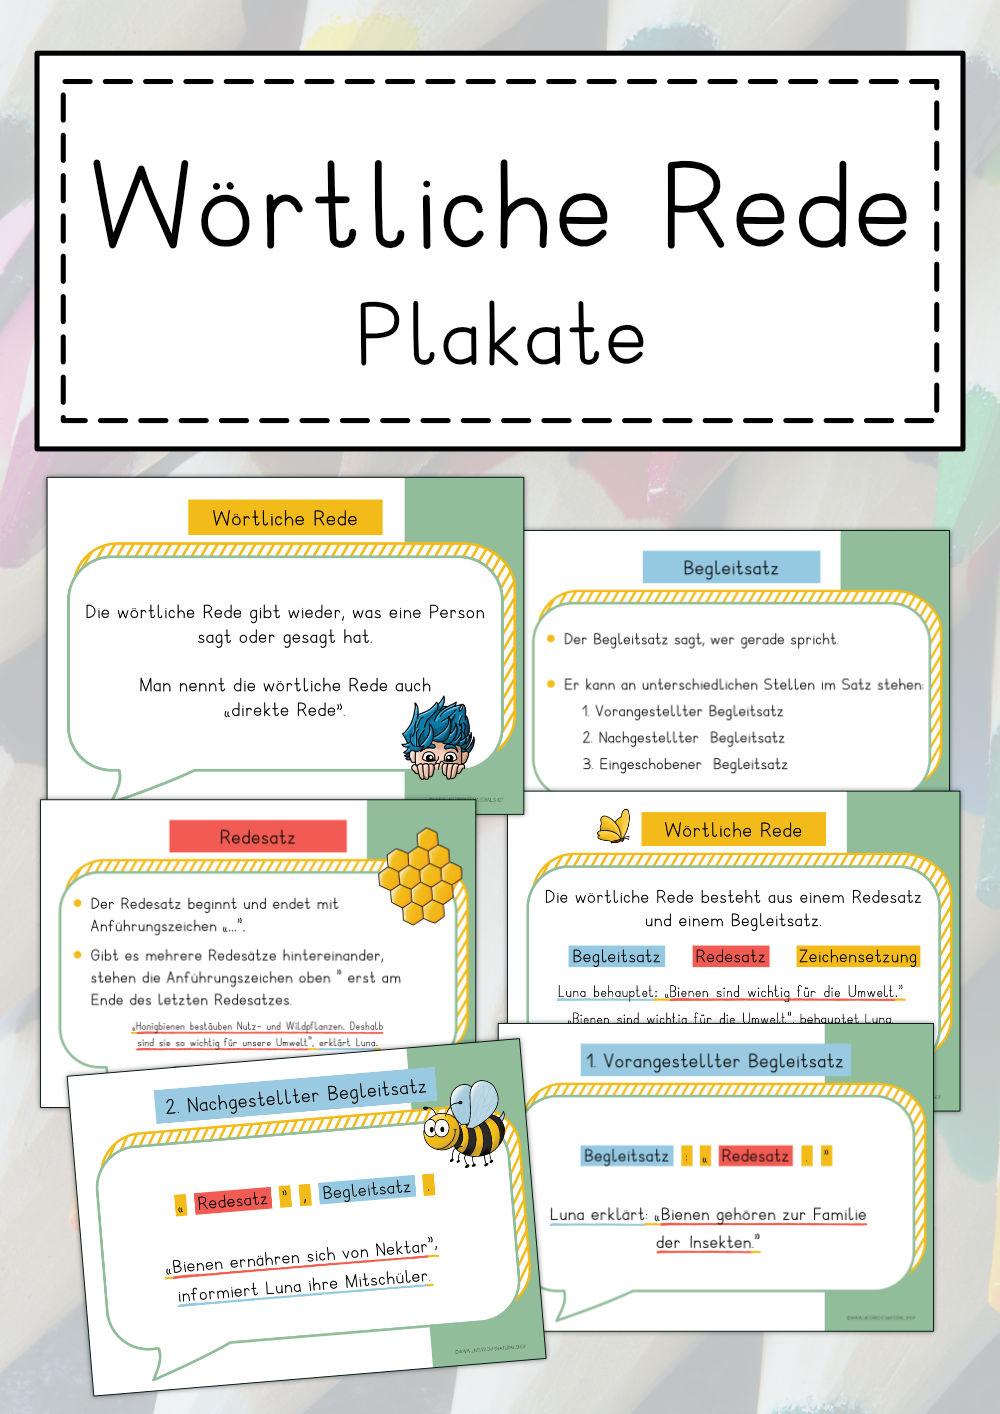 Wortliche Rede Direkte Rede Plakate Unterrichtsmaterial Im Fach Deutsch Wortliche Rede Deutsch Unterricht Unterrichtsmaterial